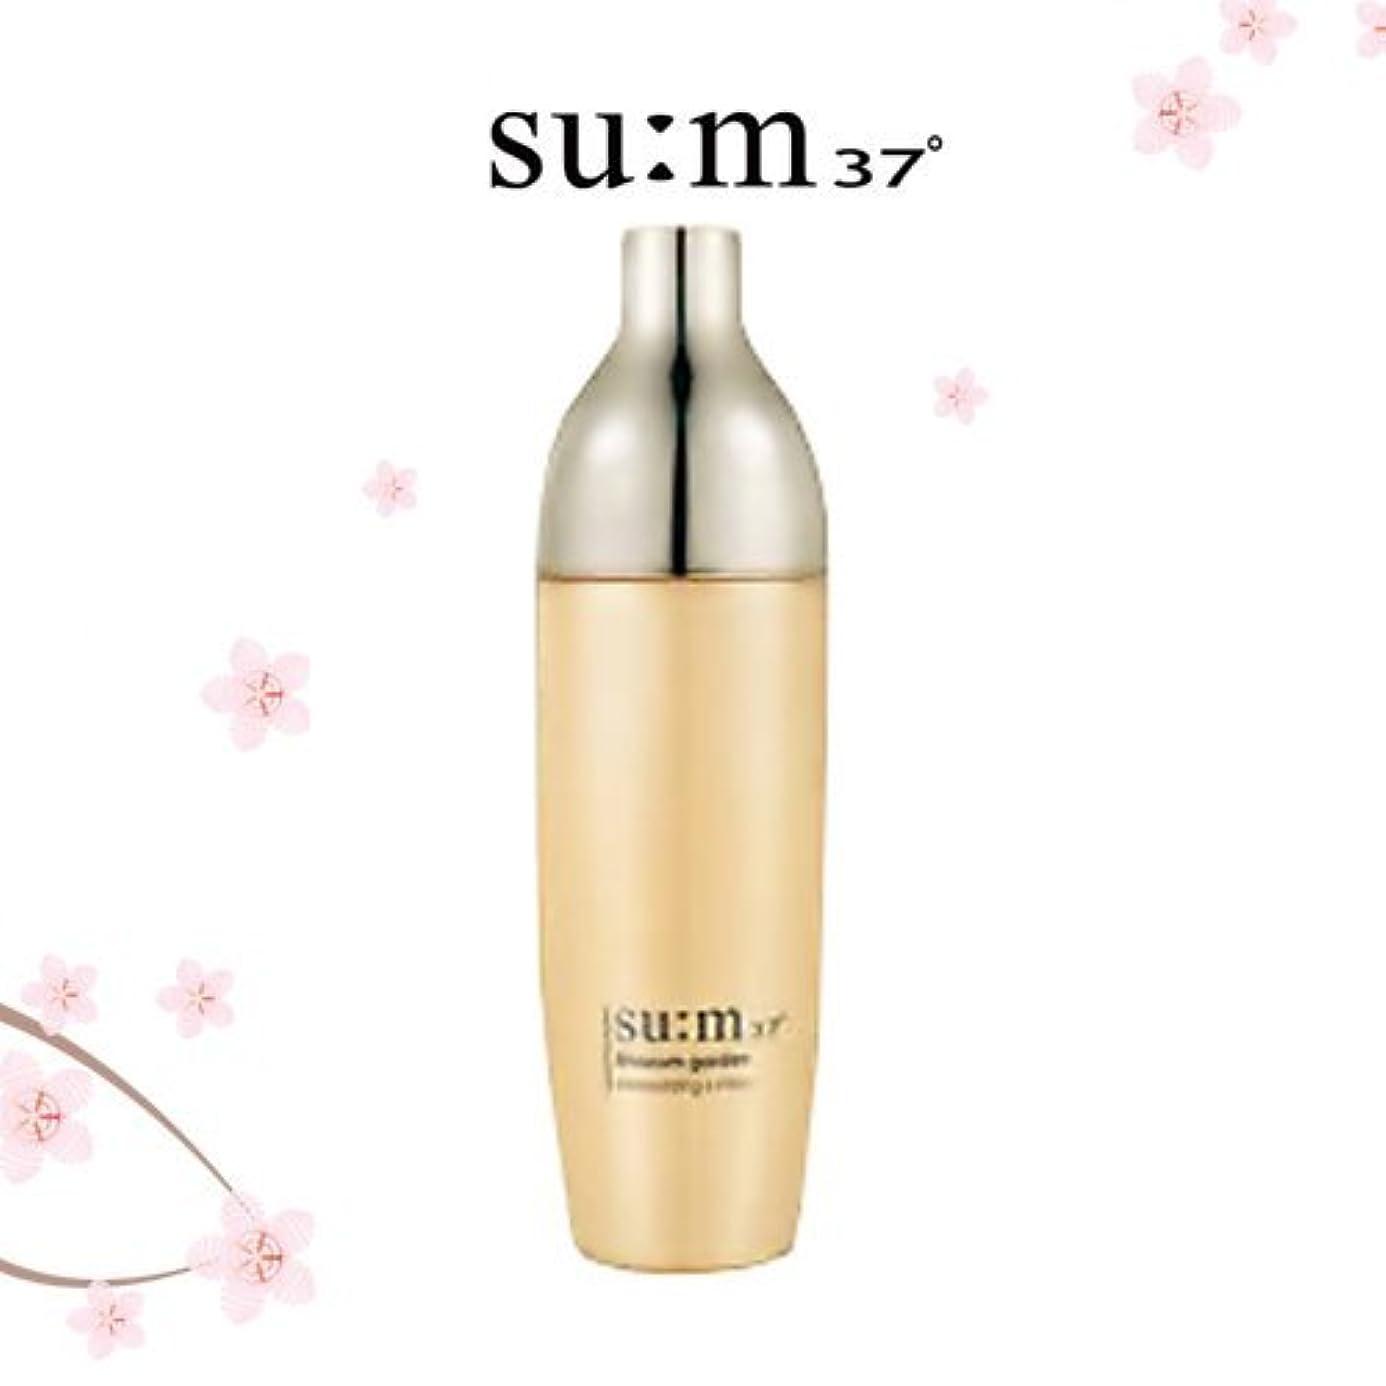 許す湿気の多い大統領sum37(スム37)ブロッサムガーデンモイスチャライジングスキン155ml(blossom garden moisturizing skin)(並行輸入品)